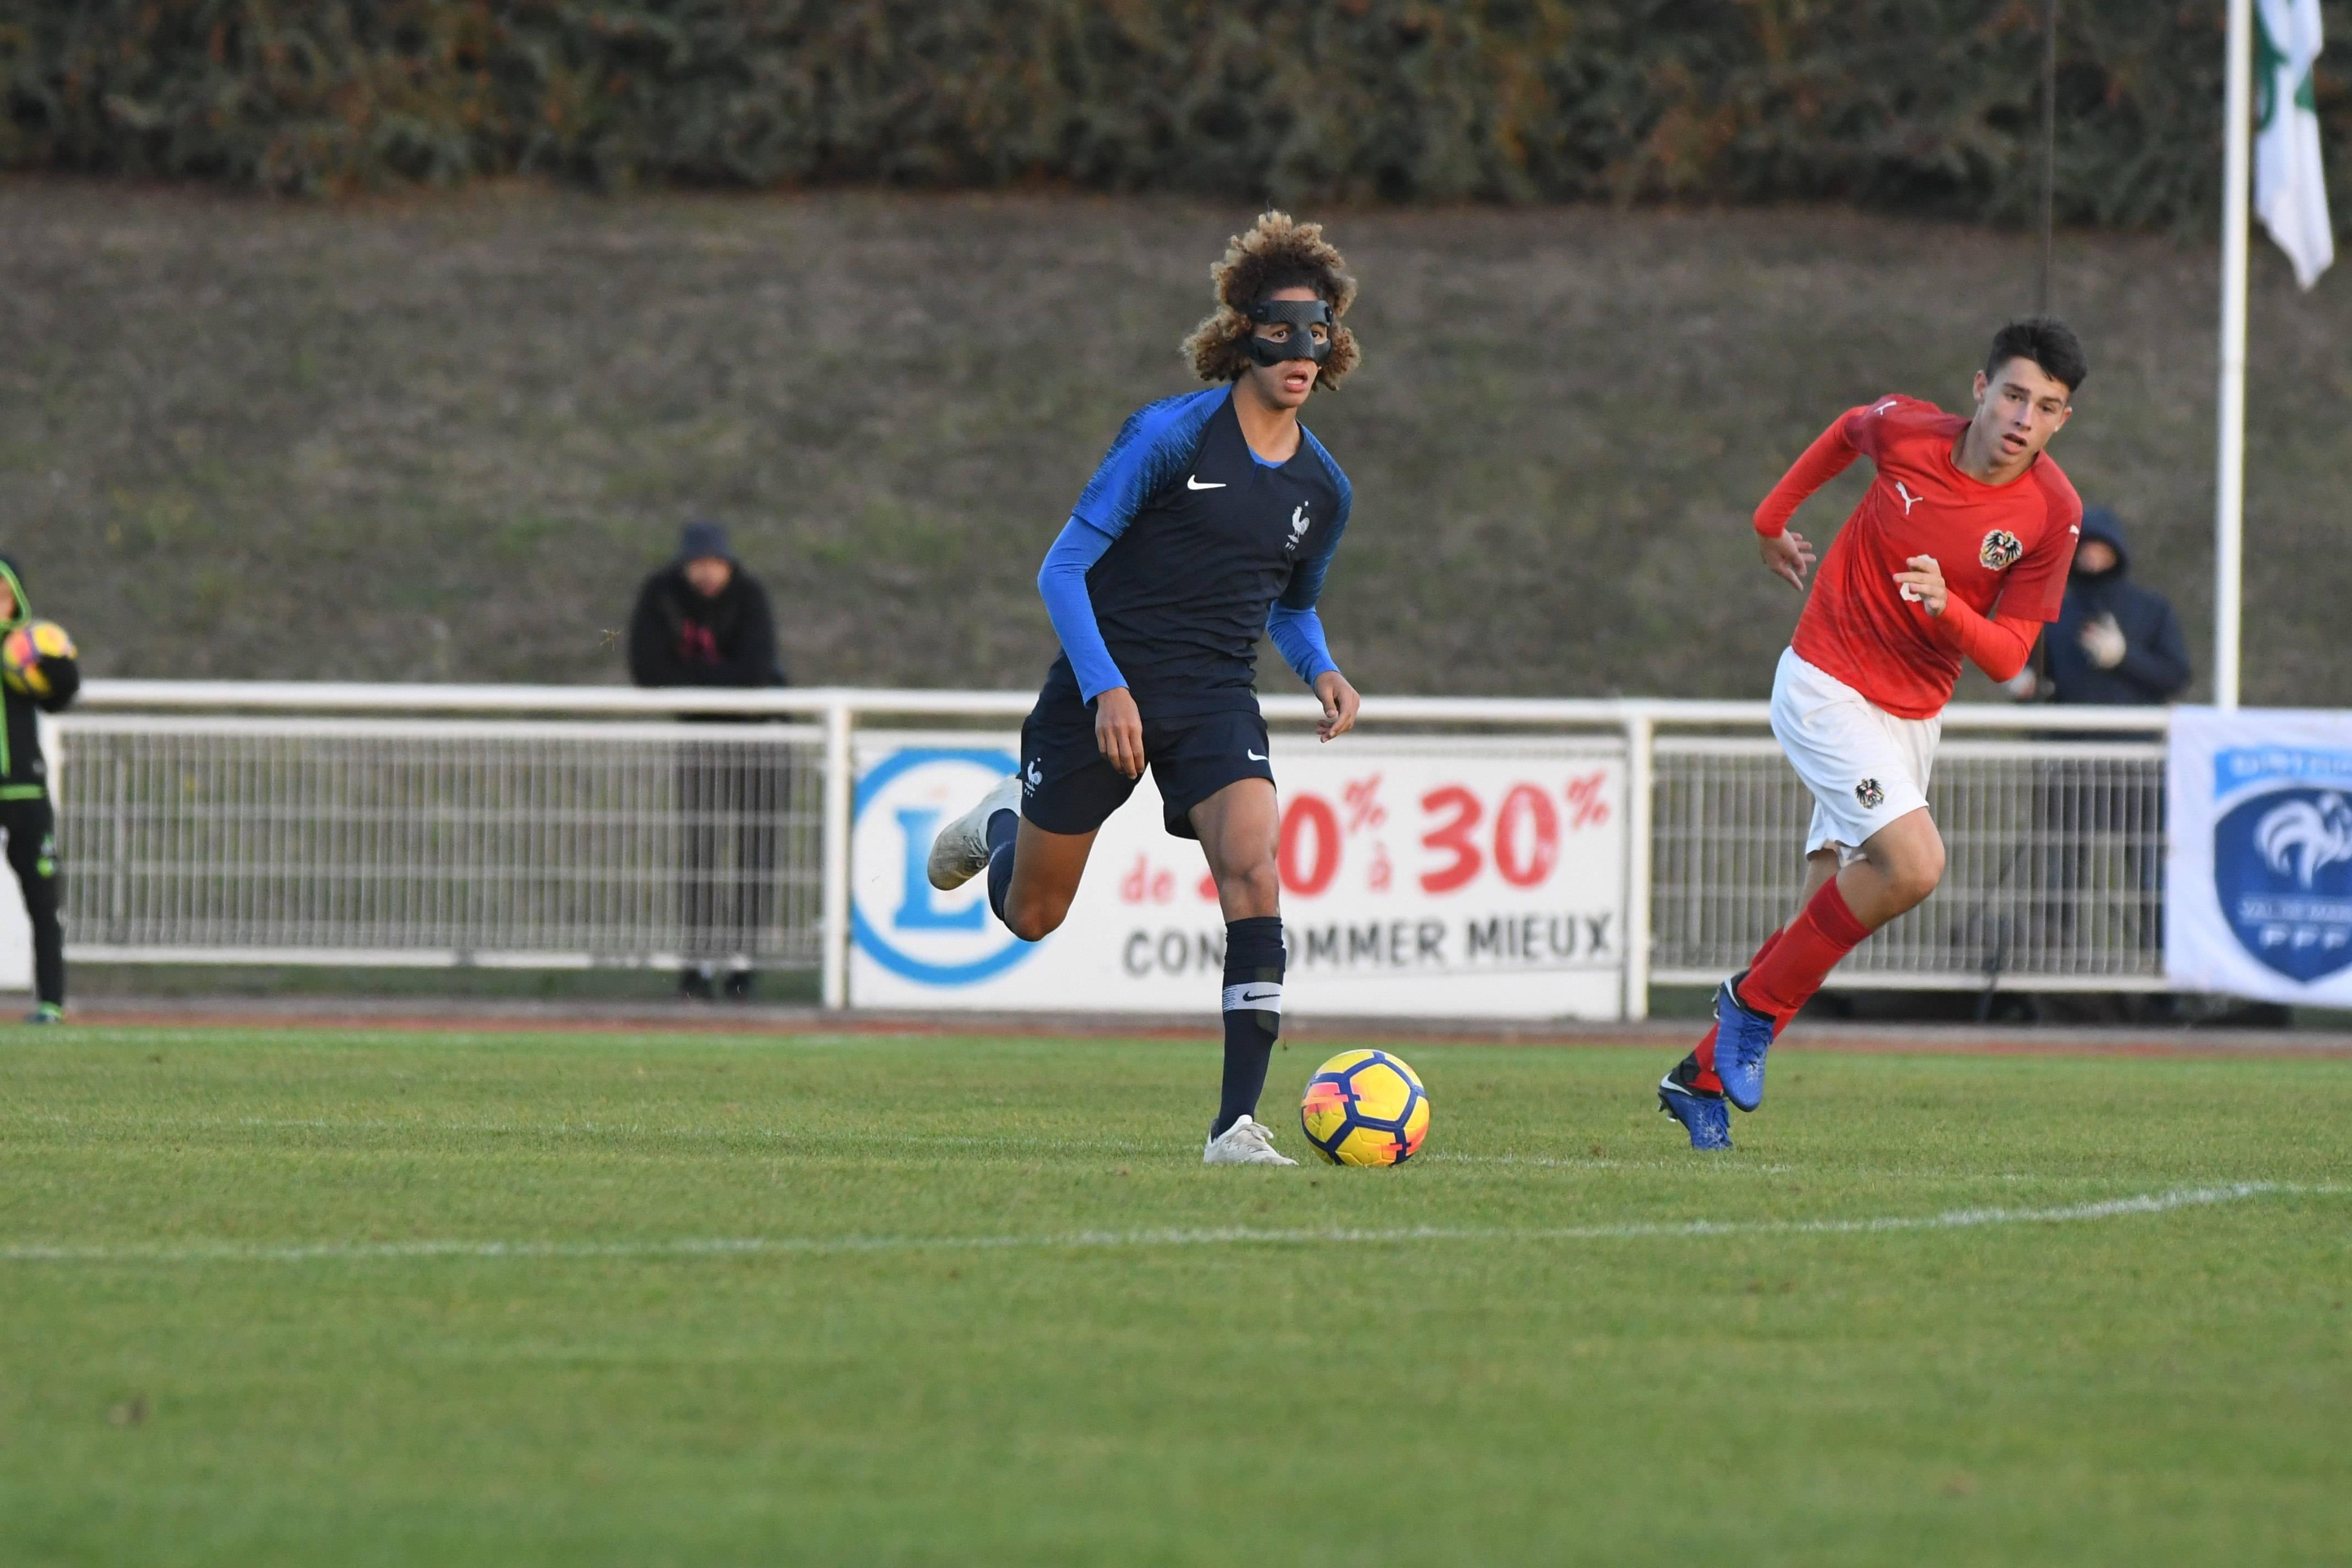 Philippe LE BRECH / APL